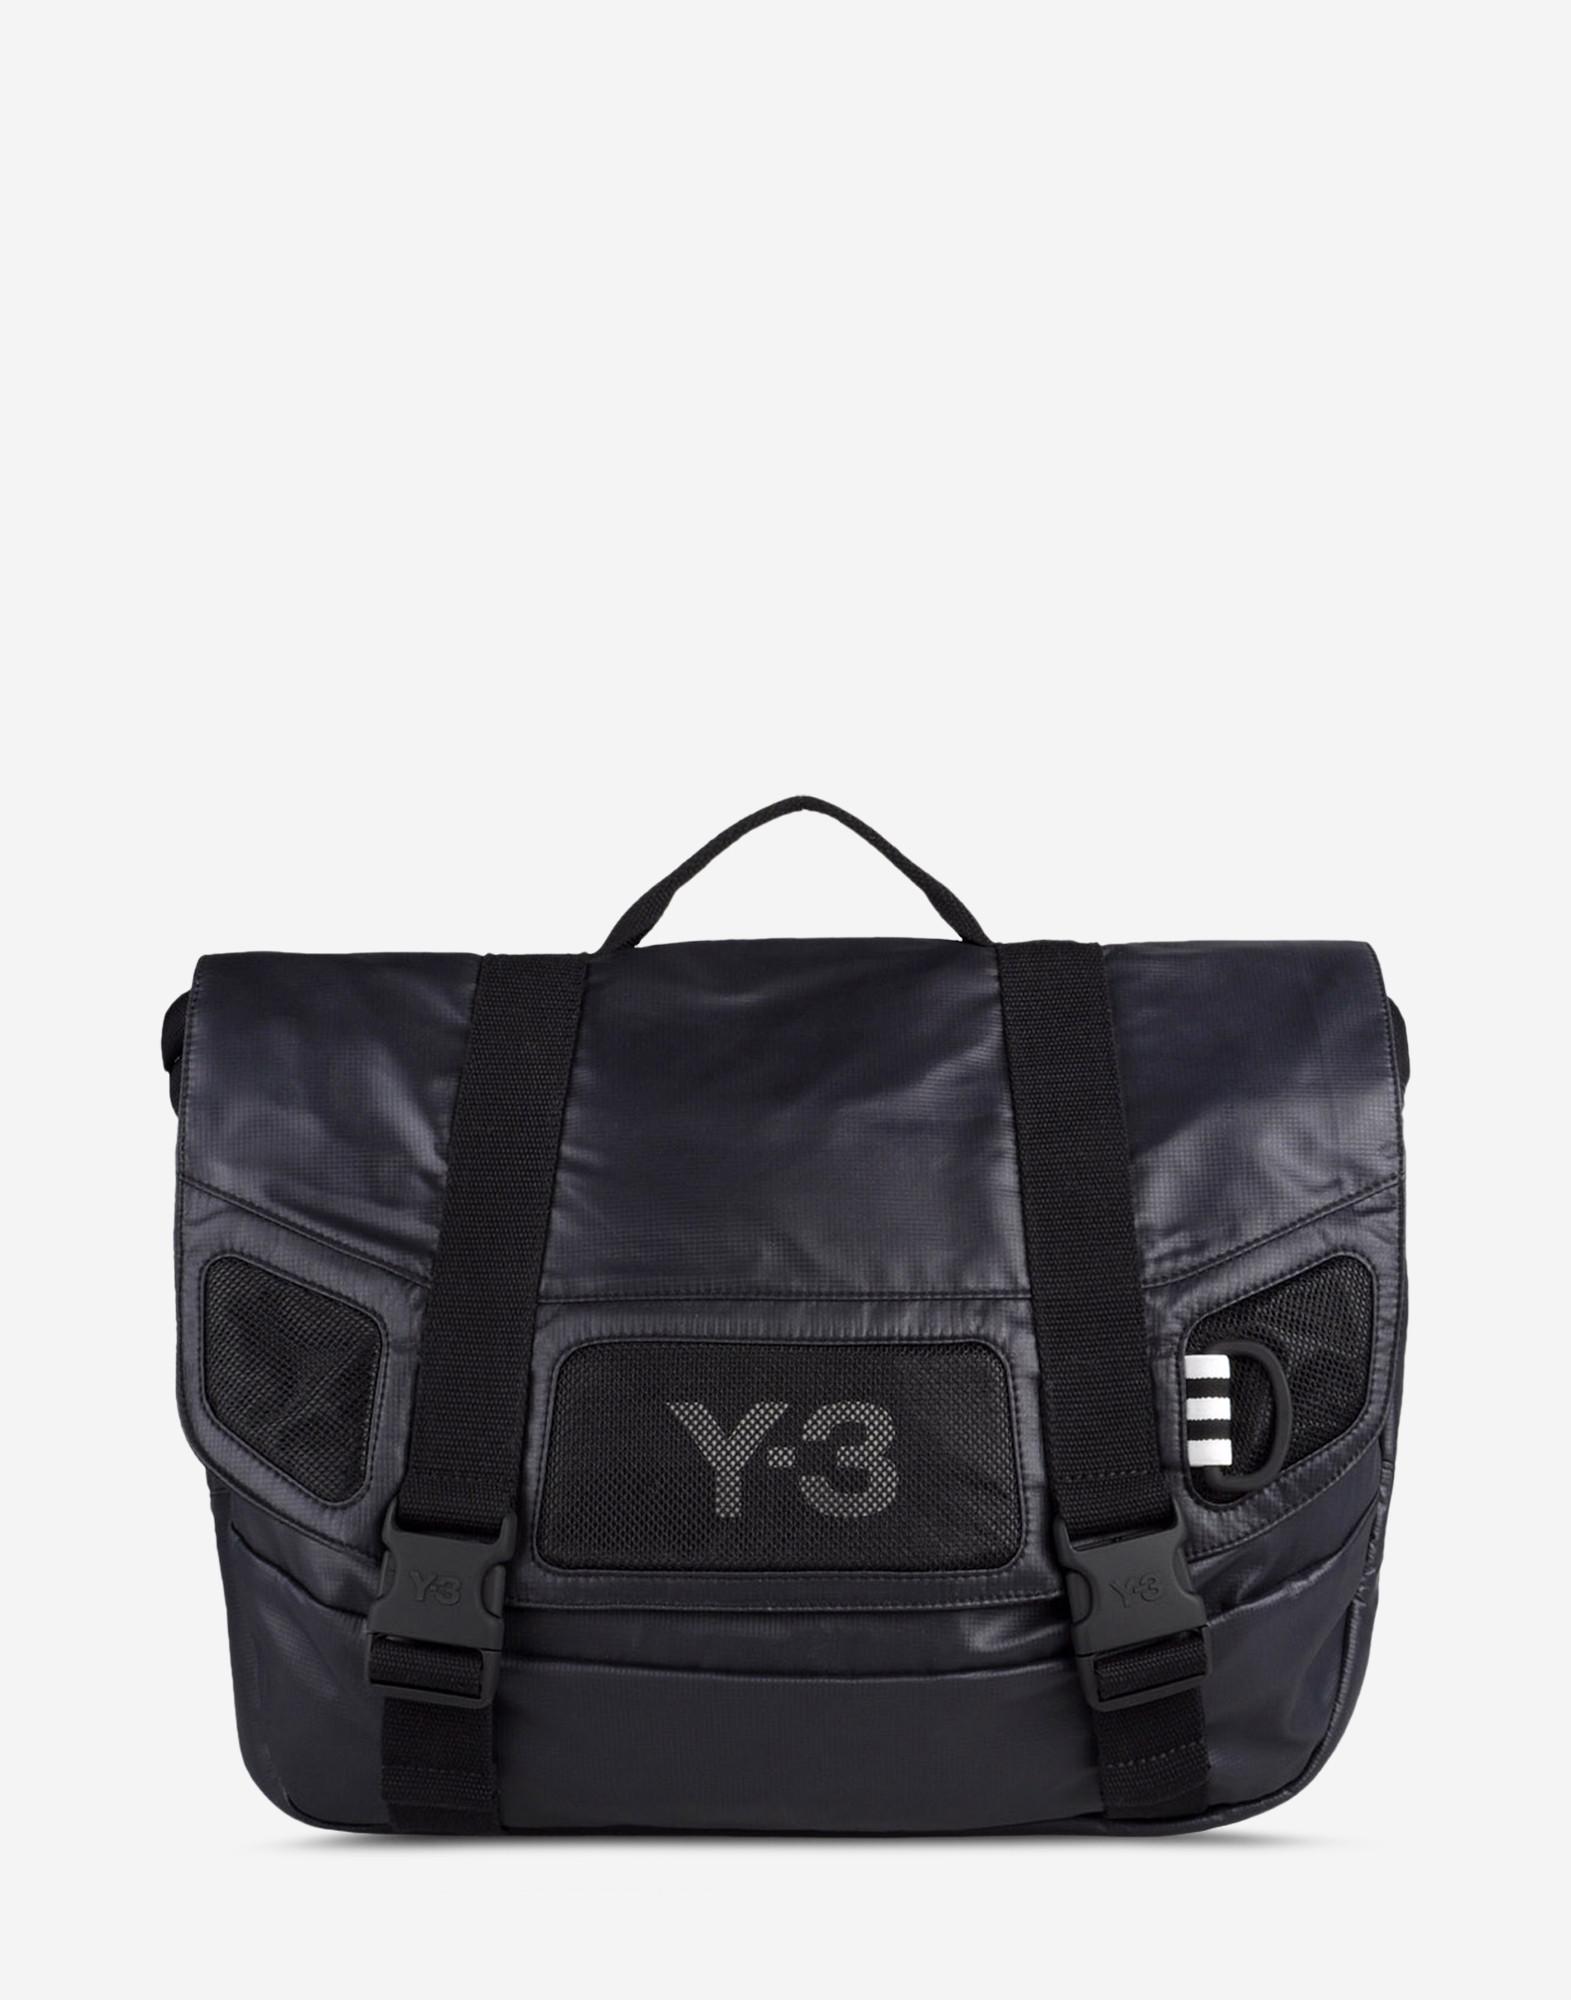 fb3e3a7ed9 mens adidas messenger bag Sale